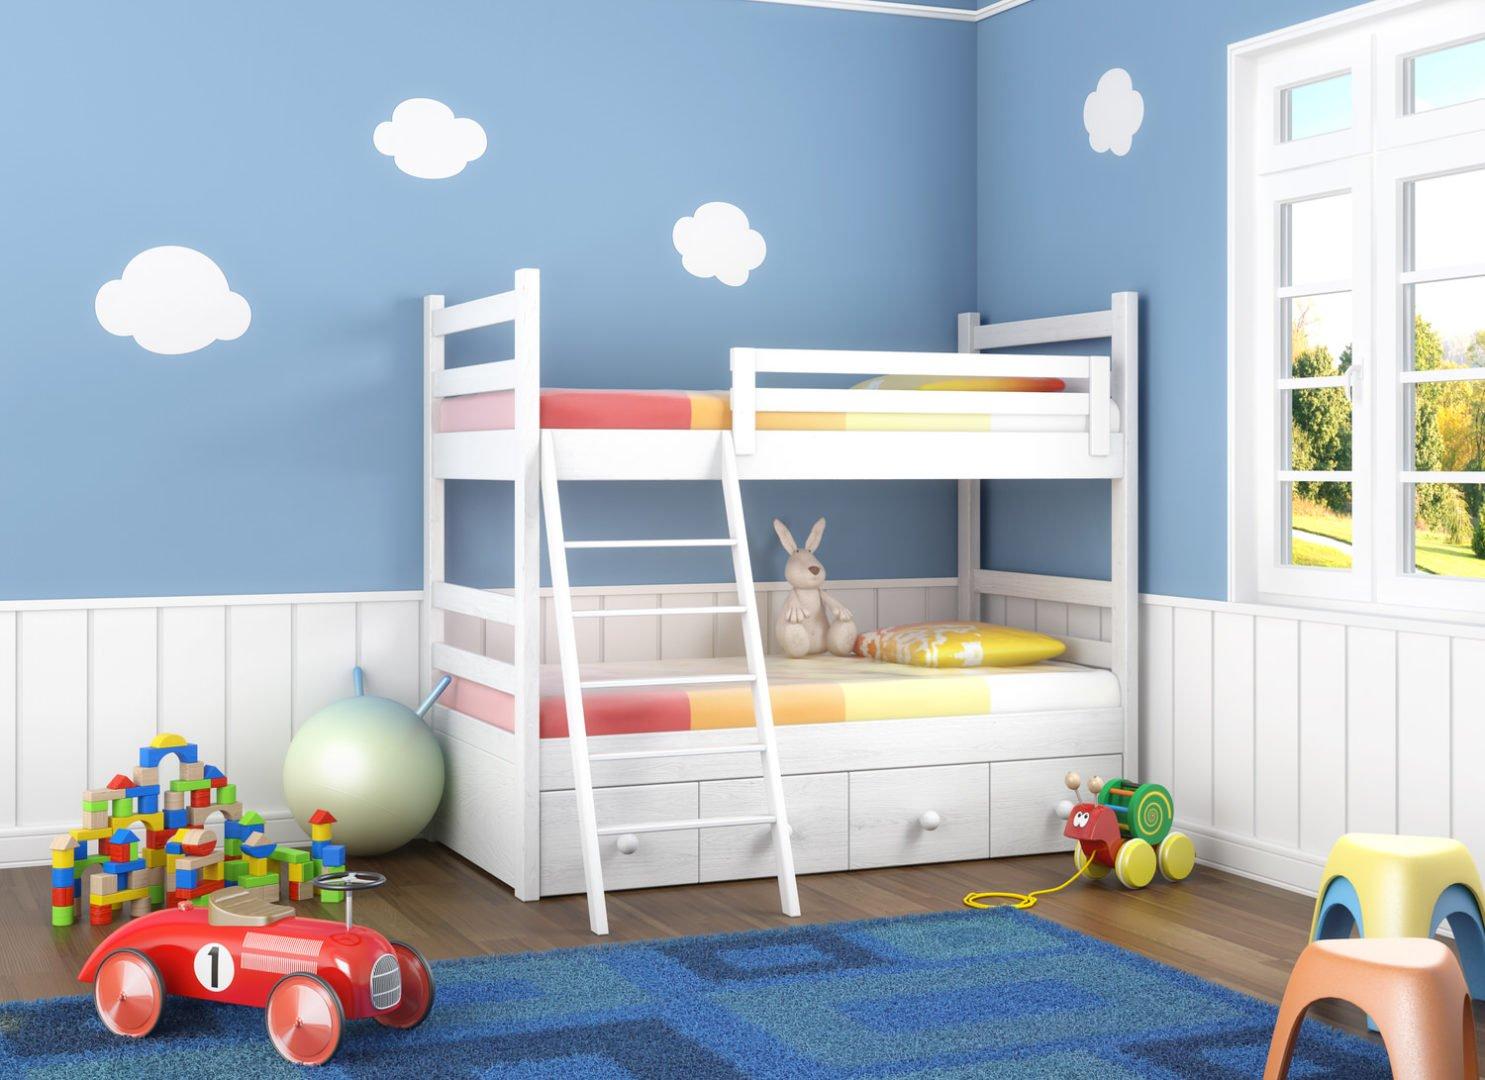 Full Size of Kleines Kinderzimmer Einrichten Eine Groe Herausforderung Regal Weiß Regale Sofa Kinderzimmer Einrichtung Kinderzimmer